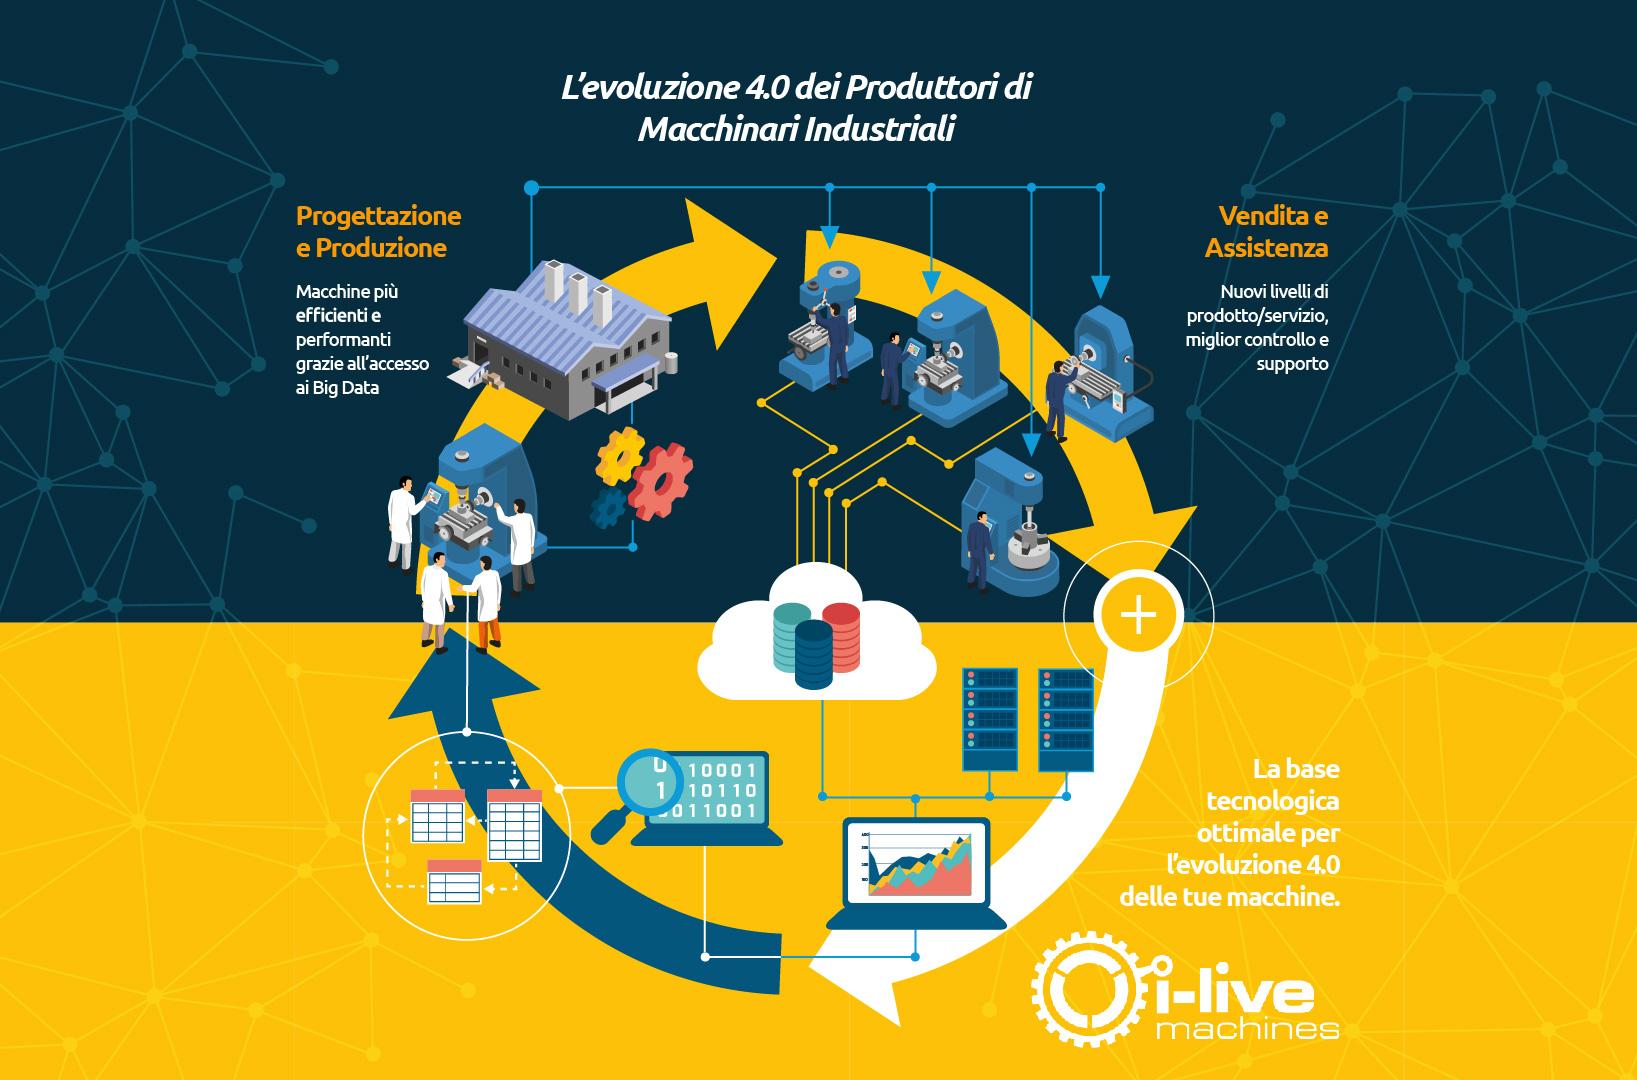 L'evoluzione 4.0 dei Produttori di Macchinari Industriali